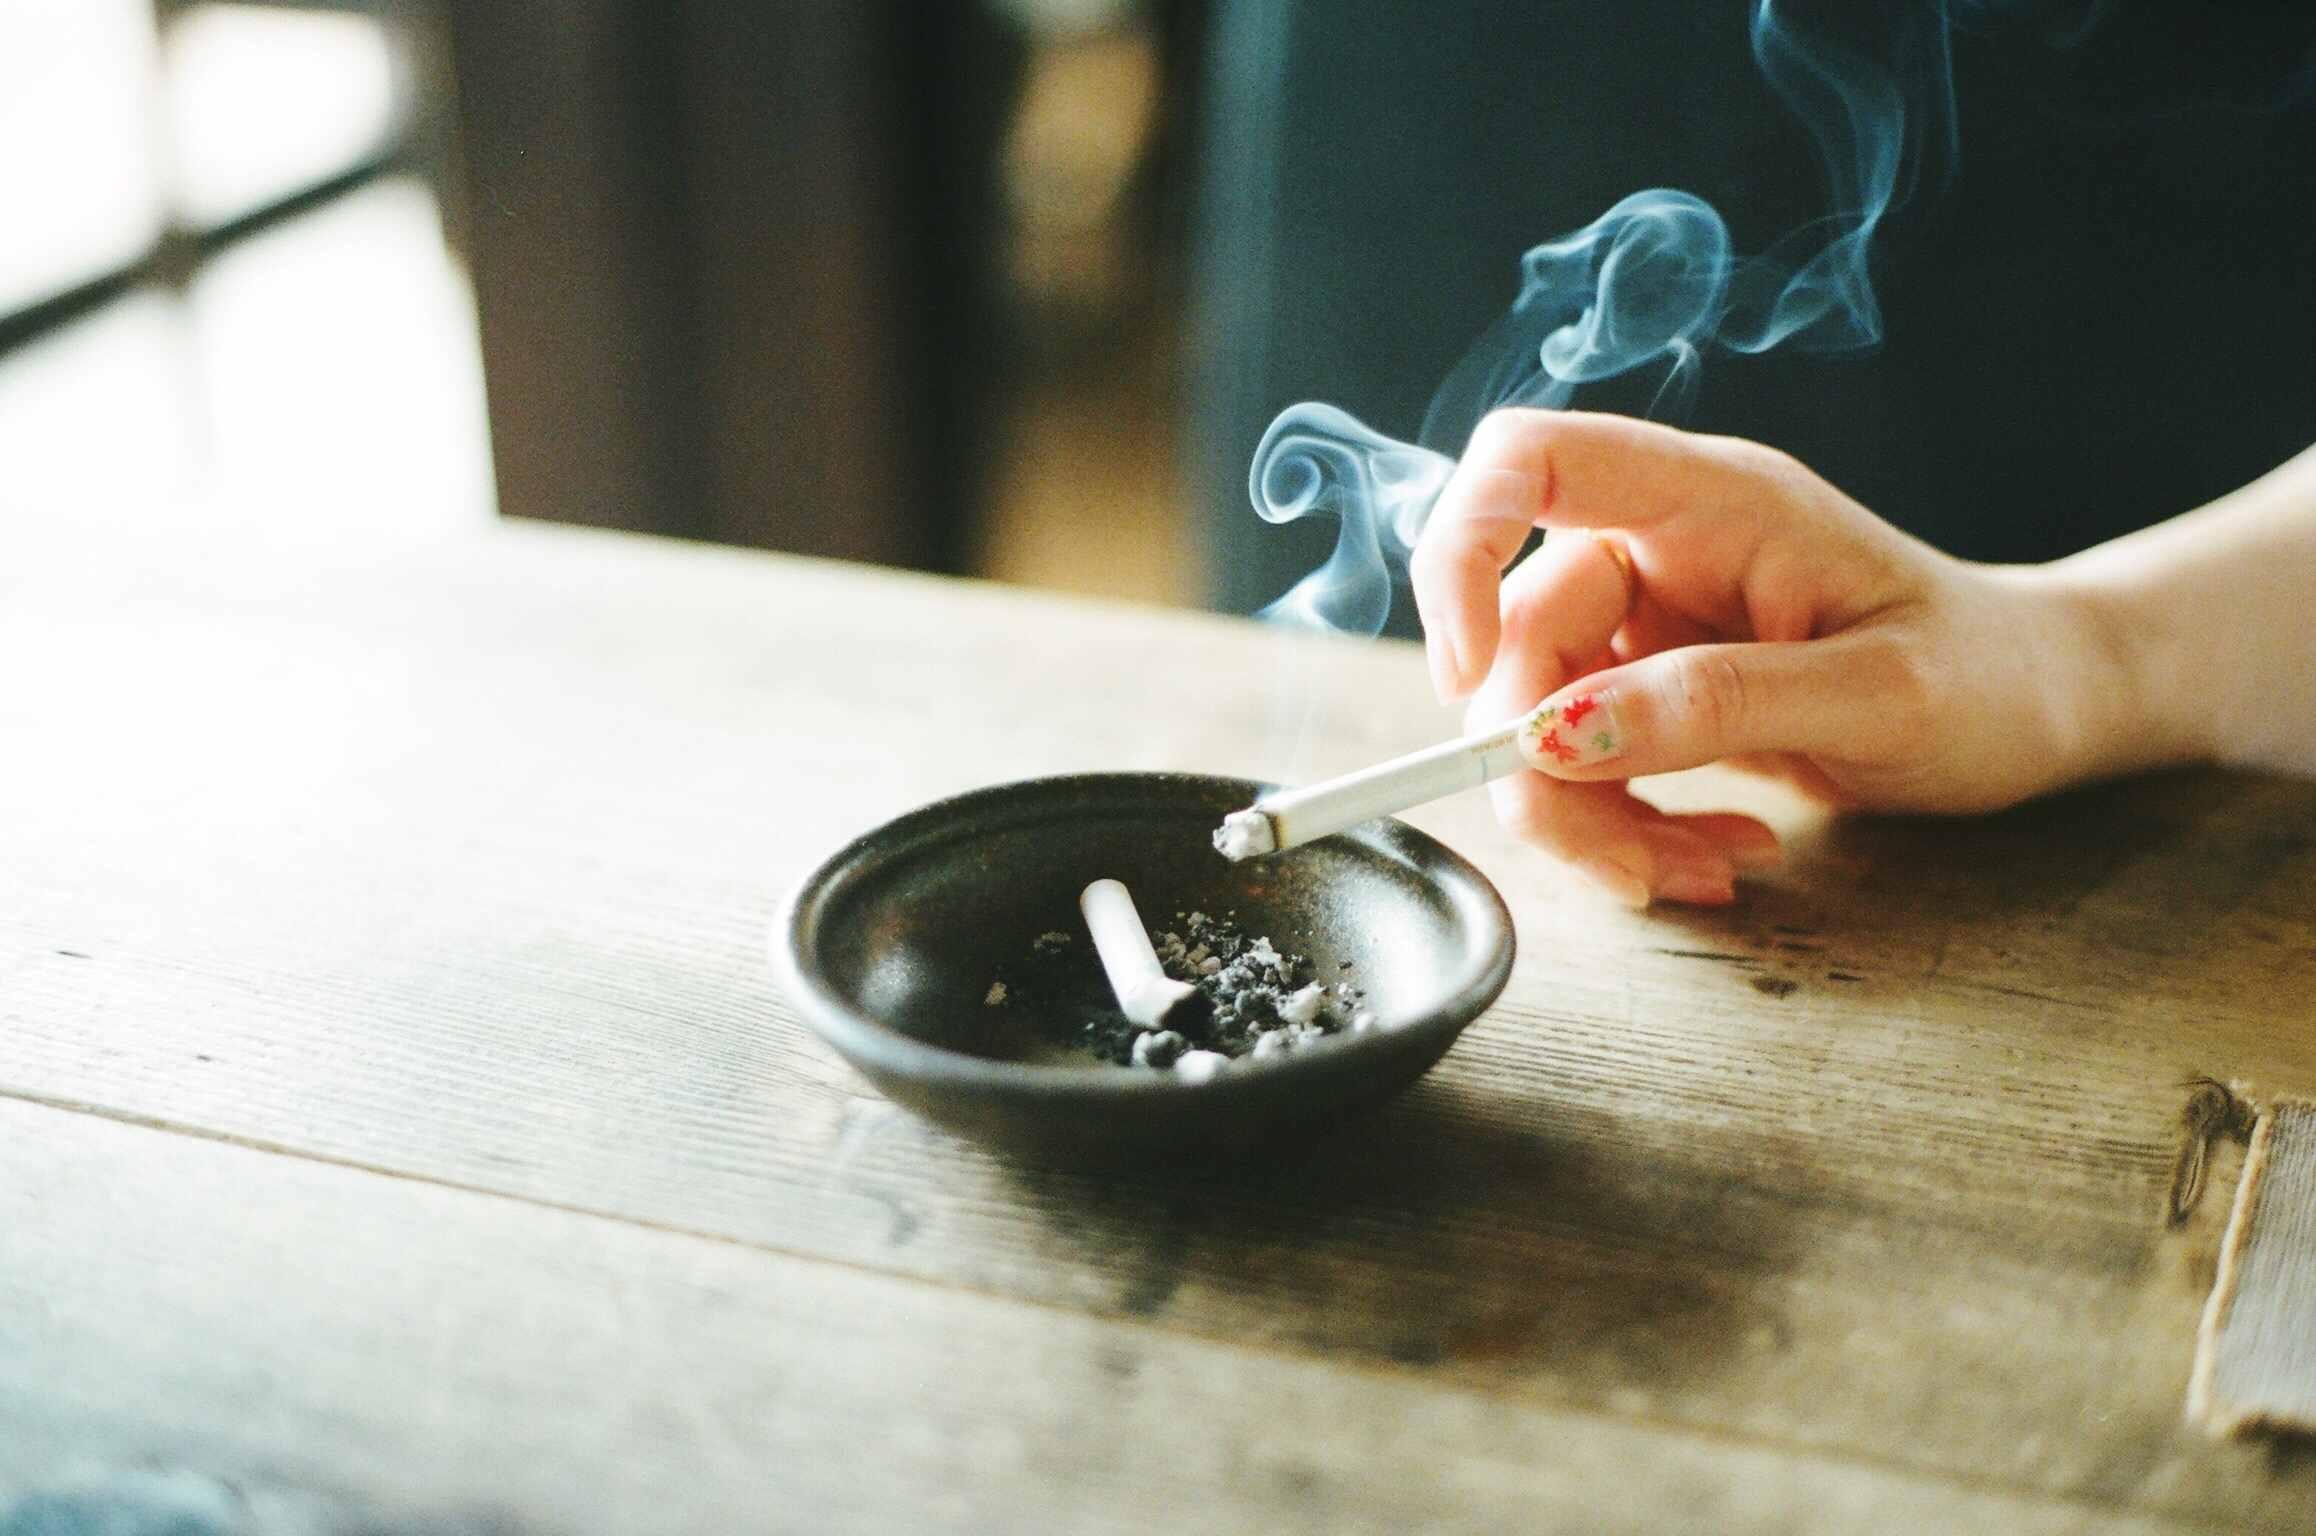 چیزهایی عجیب در مورد سیگاریها که احتمالا نمیدانید